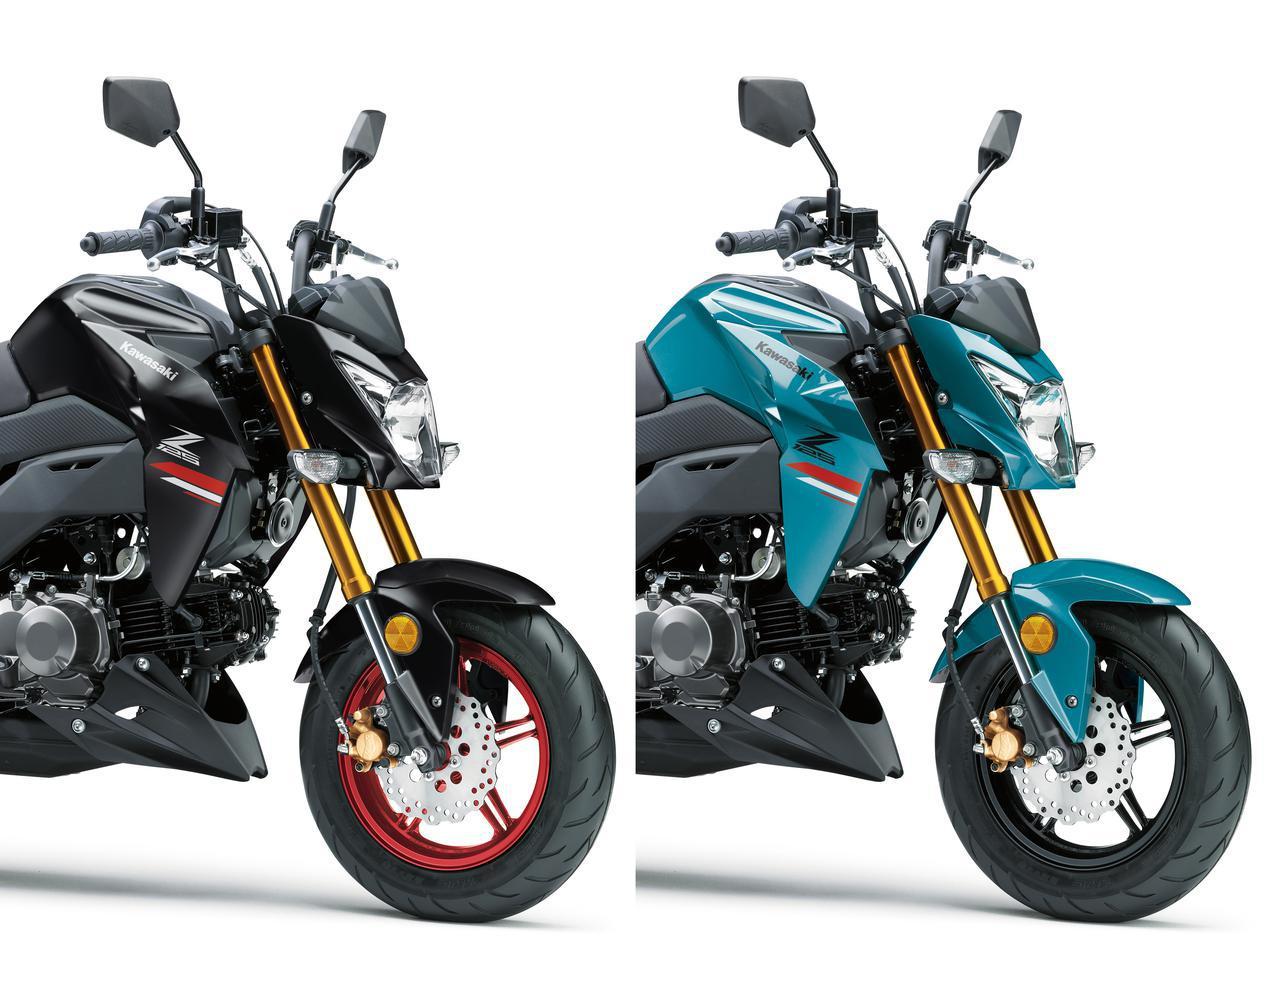 画像: これが最後!? カワサキが原付二種スポーツバイク「Z125 PRO」2021年モデル情報 - webオートバイ